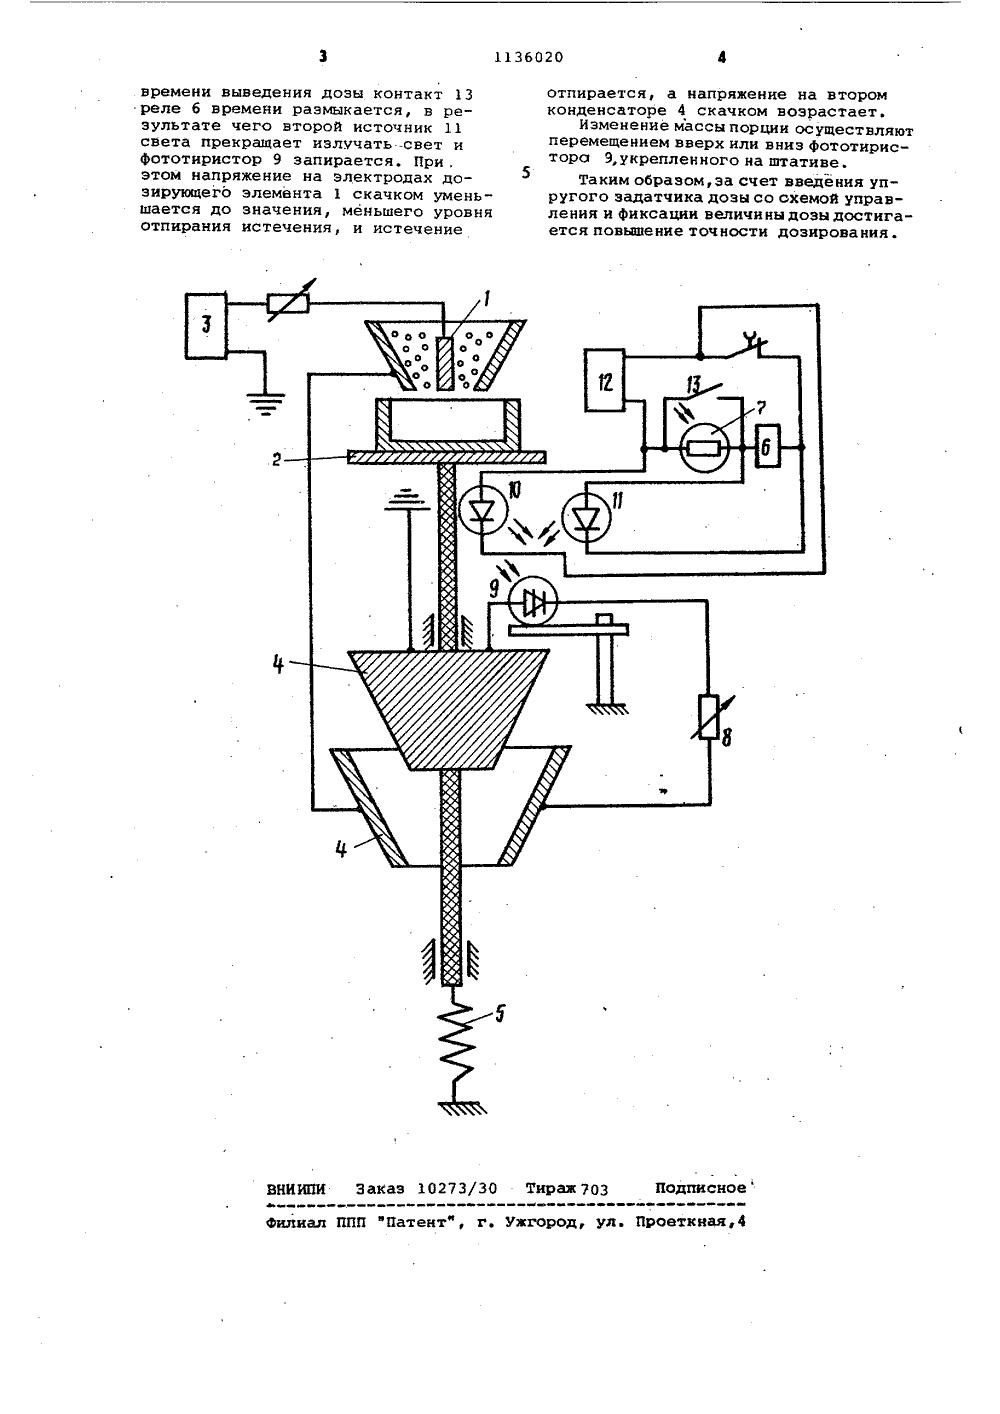 Схемы дозирования сыпучих материалов